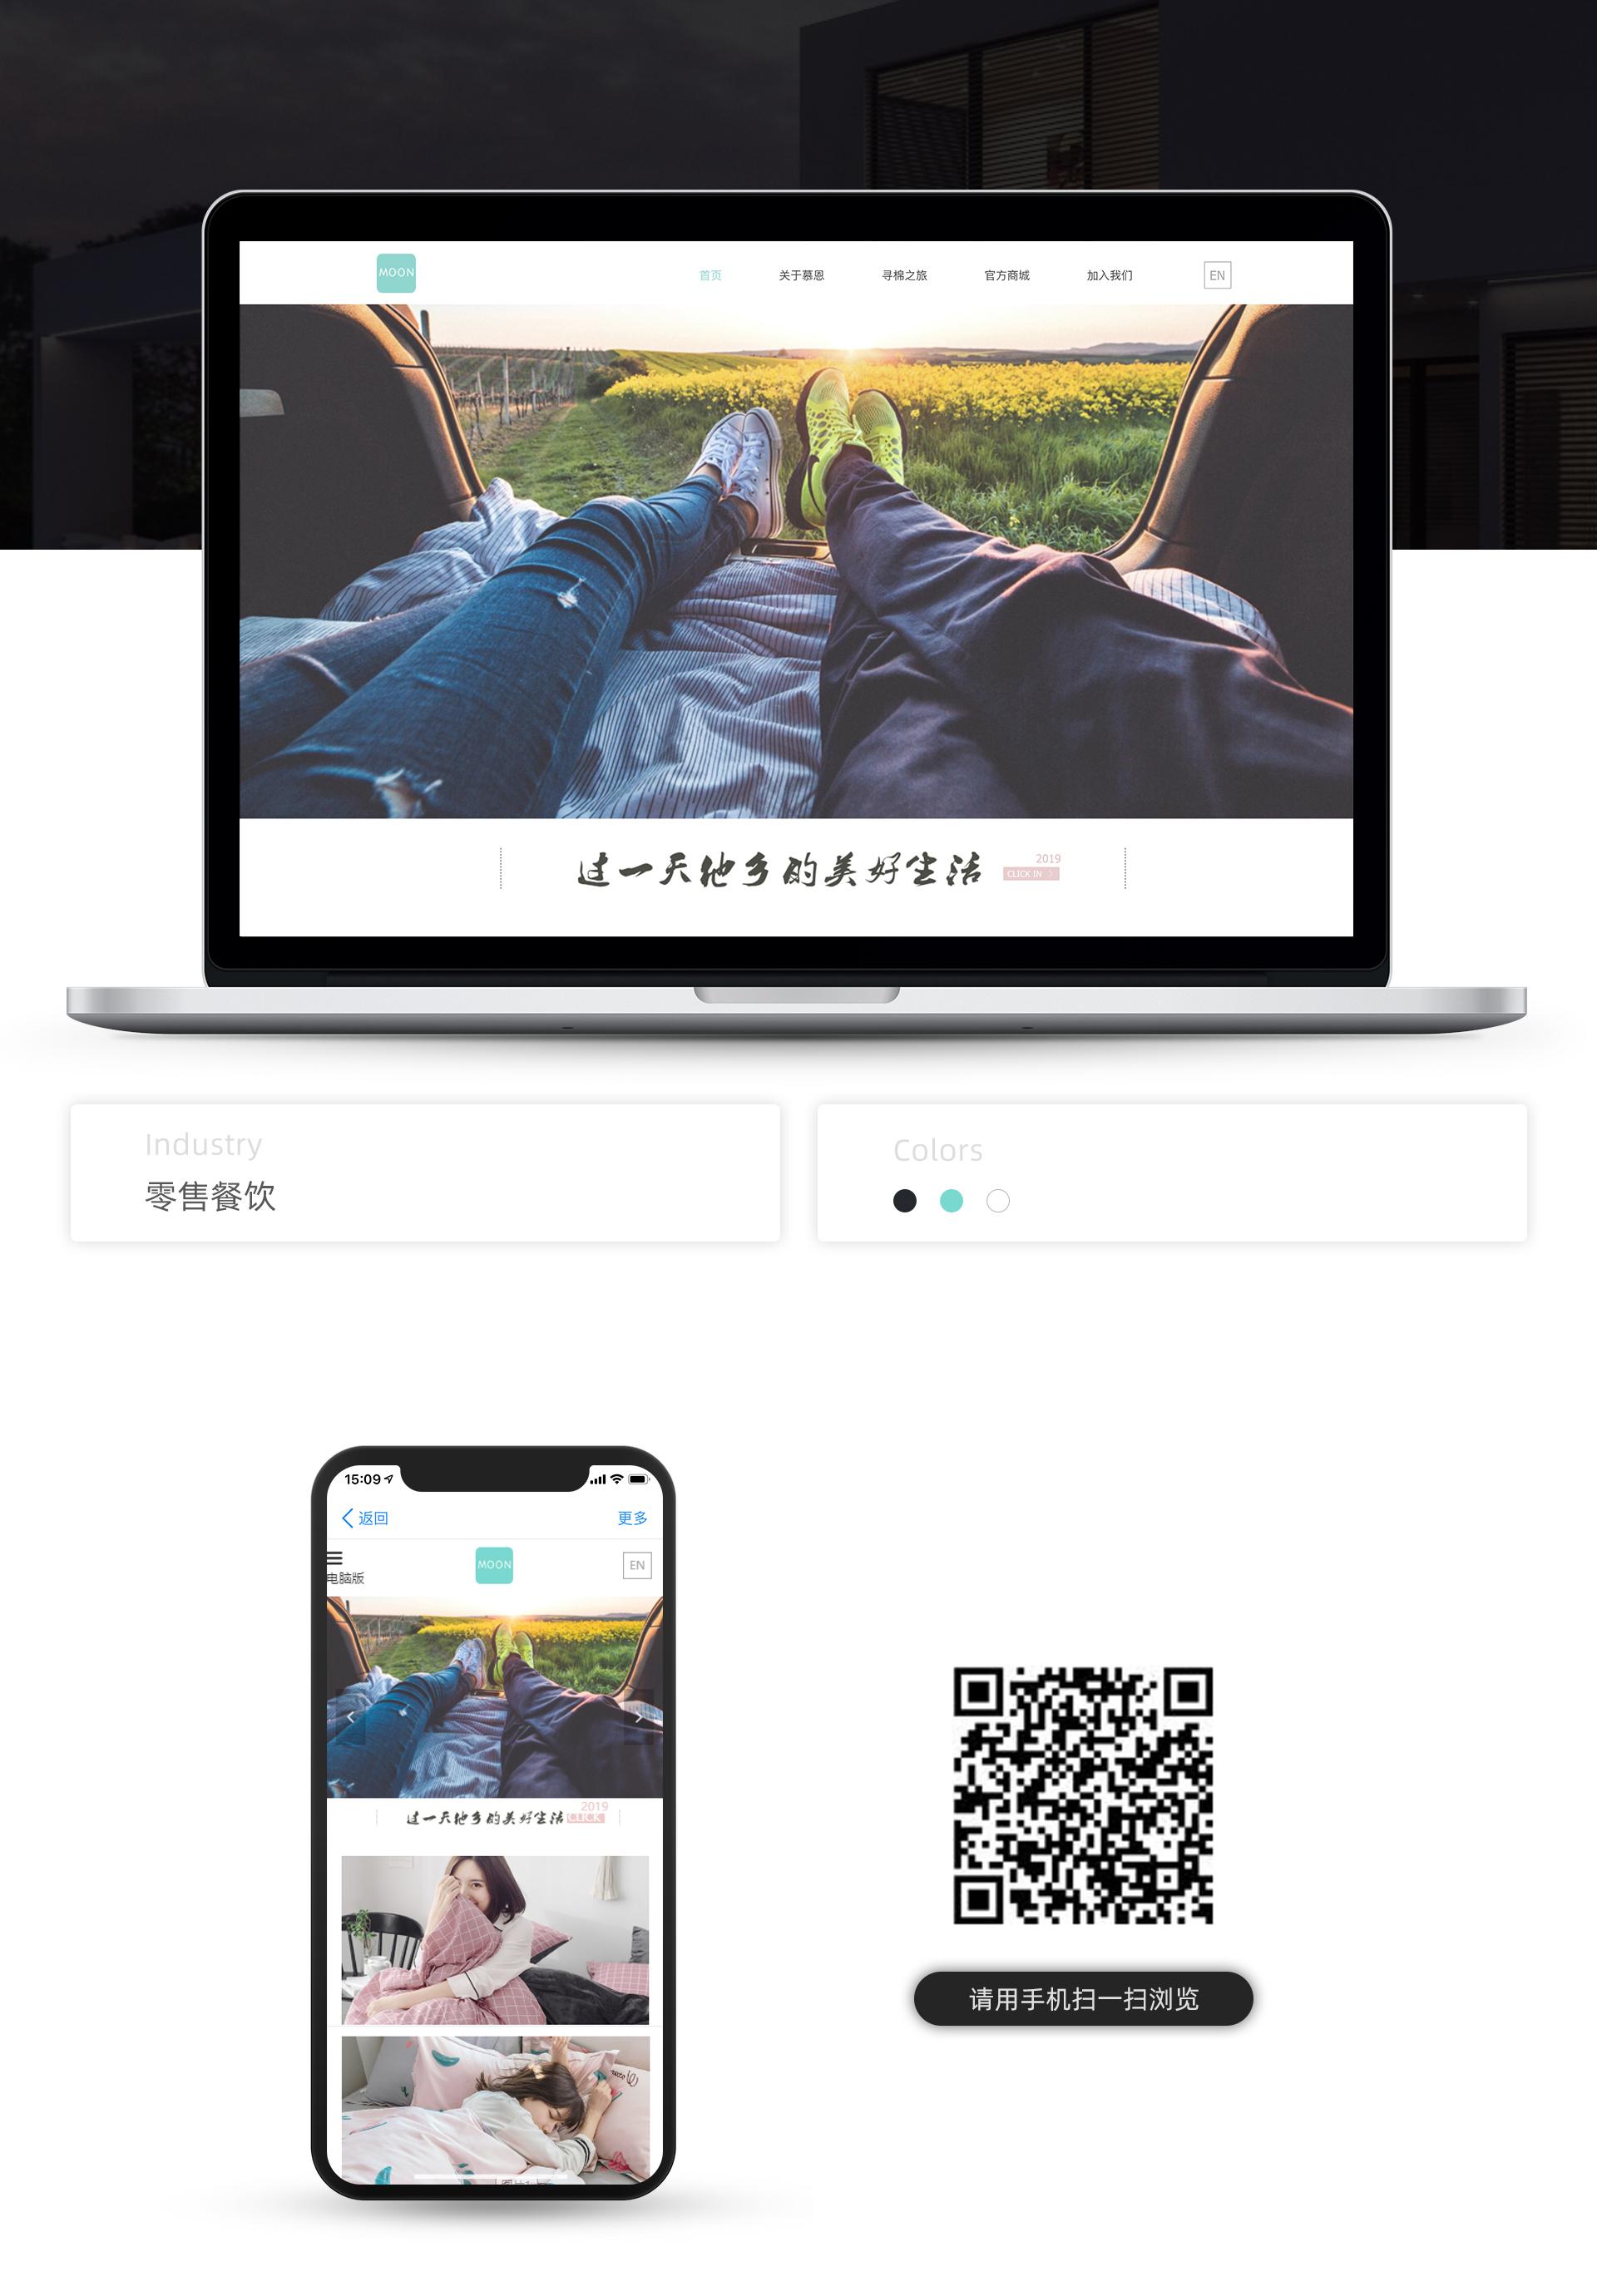 非凡-包行楚-慕恩创品科技成都有限公司_01